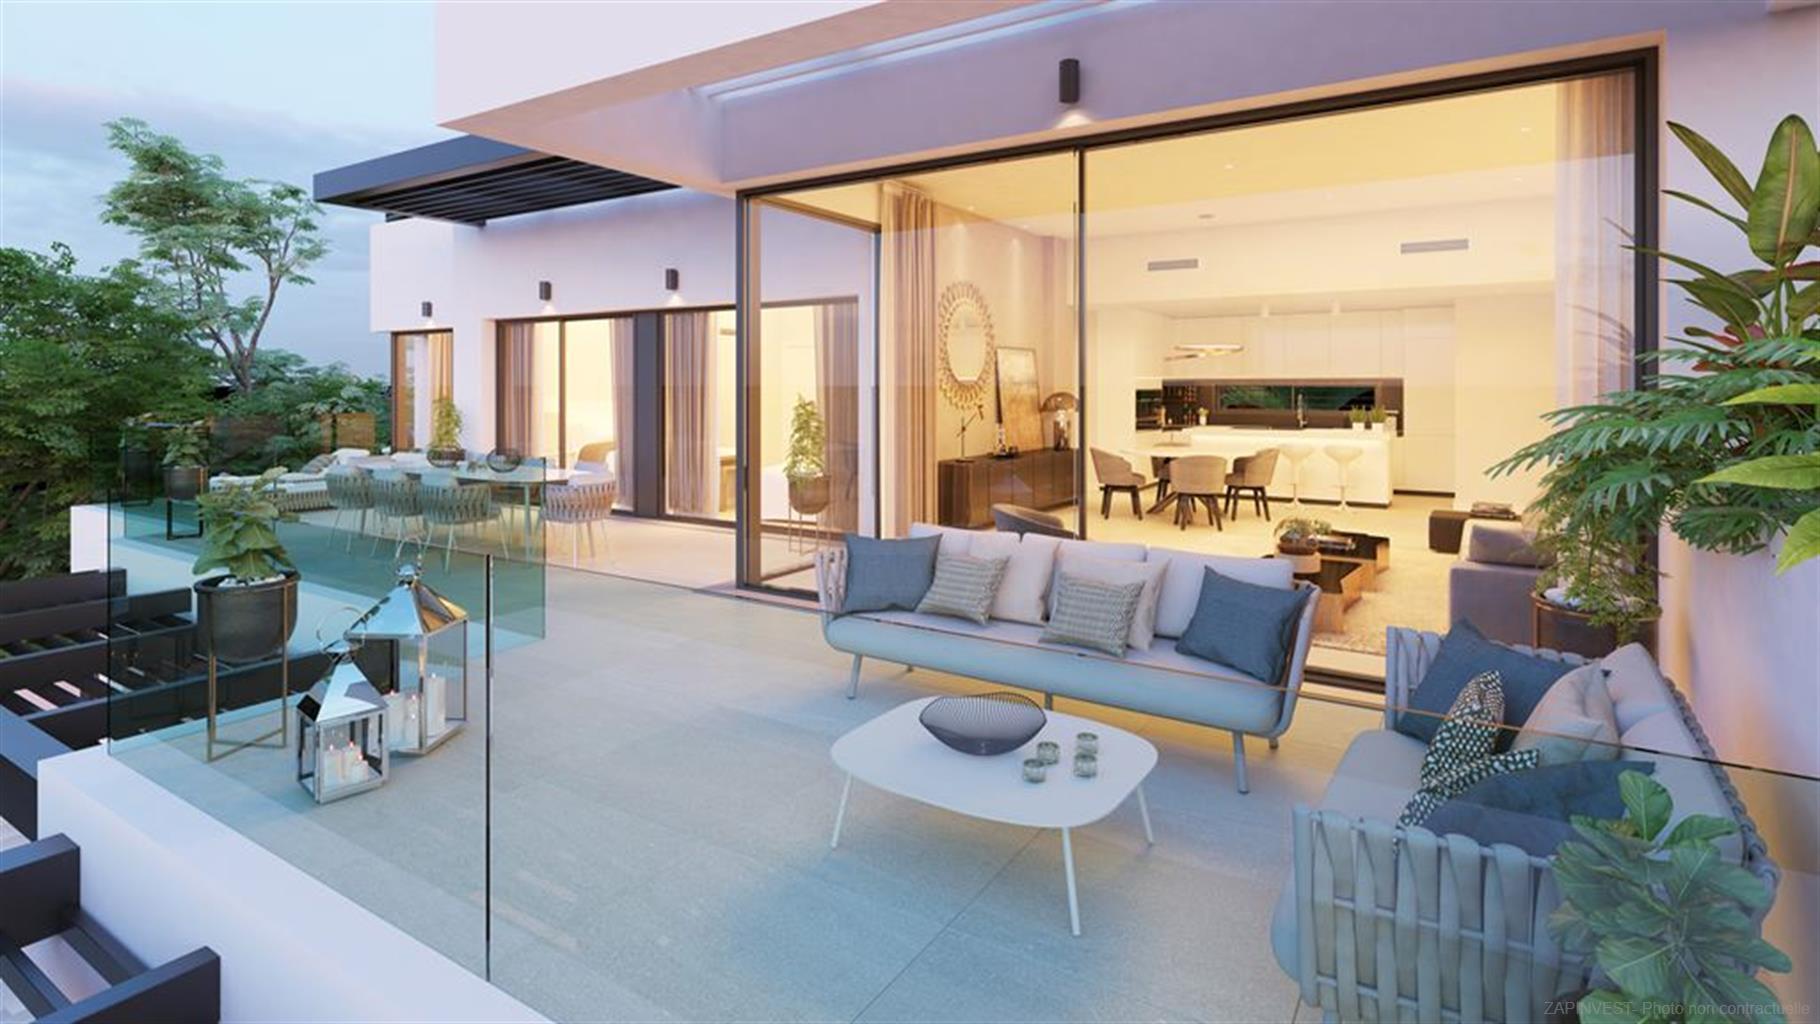 Nieuw boetiekresidentie in Benahavis met twee, drie en vier slaapkamers met een prachtig zicht op zee.